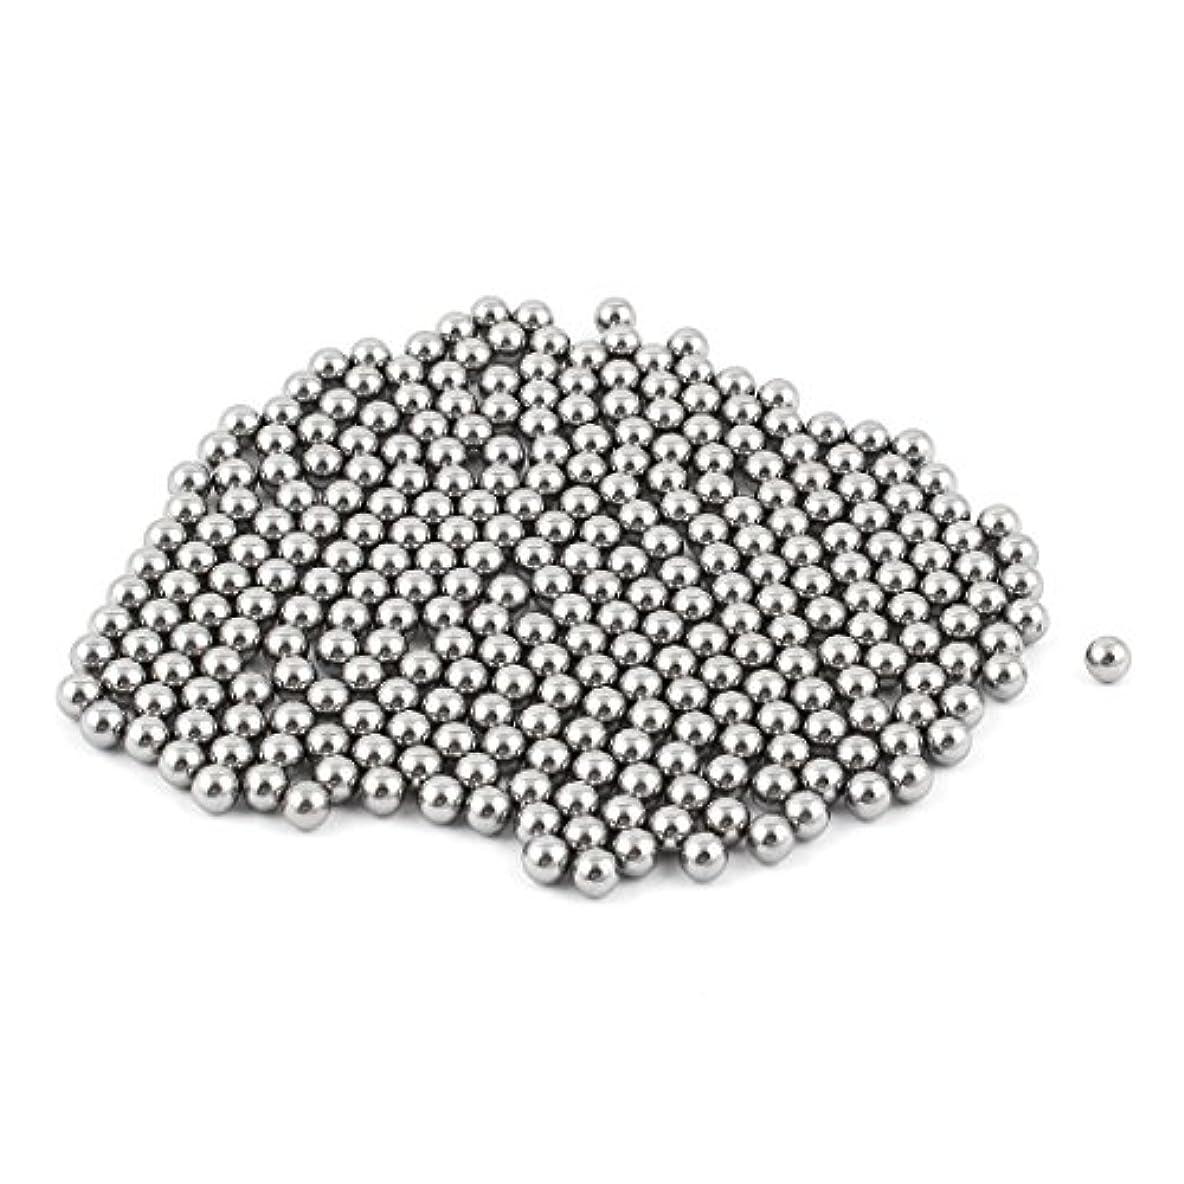 経営者真実アウターuxcell 鋼球 自転車 ベアリング鉄ボール バイク交換部品 鉄製 交換部品 シルバートーン 270 x 5.55mm 270個